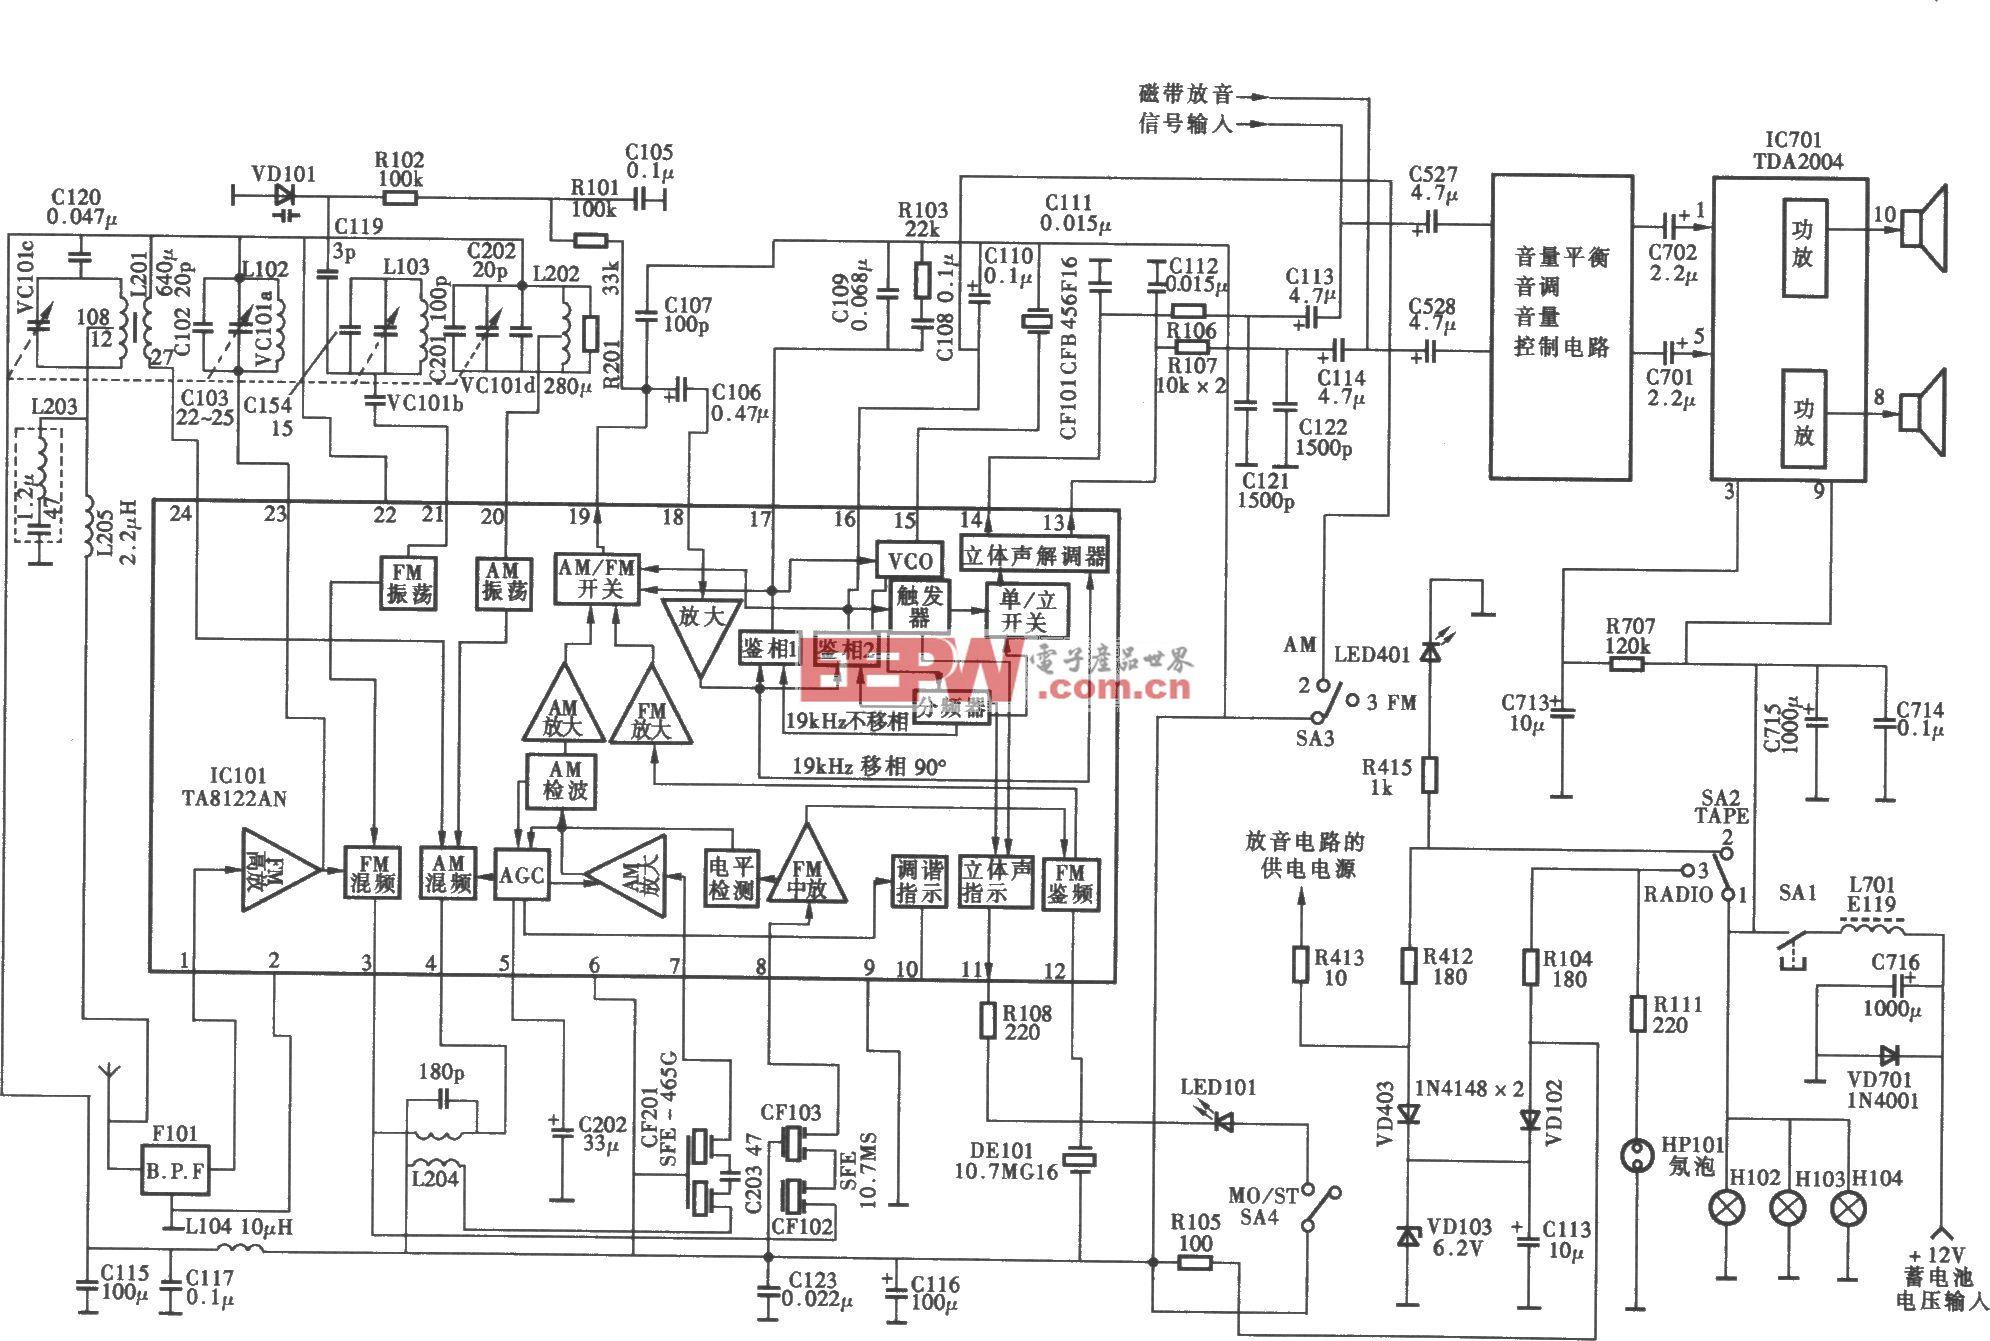 德塞ds-628b型高级汽车音响收音电路